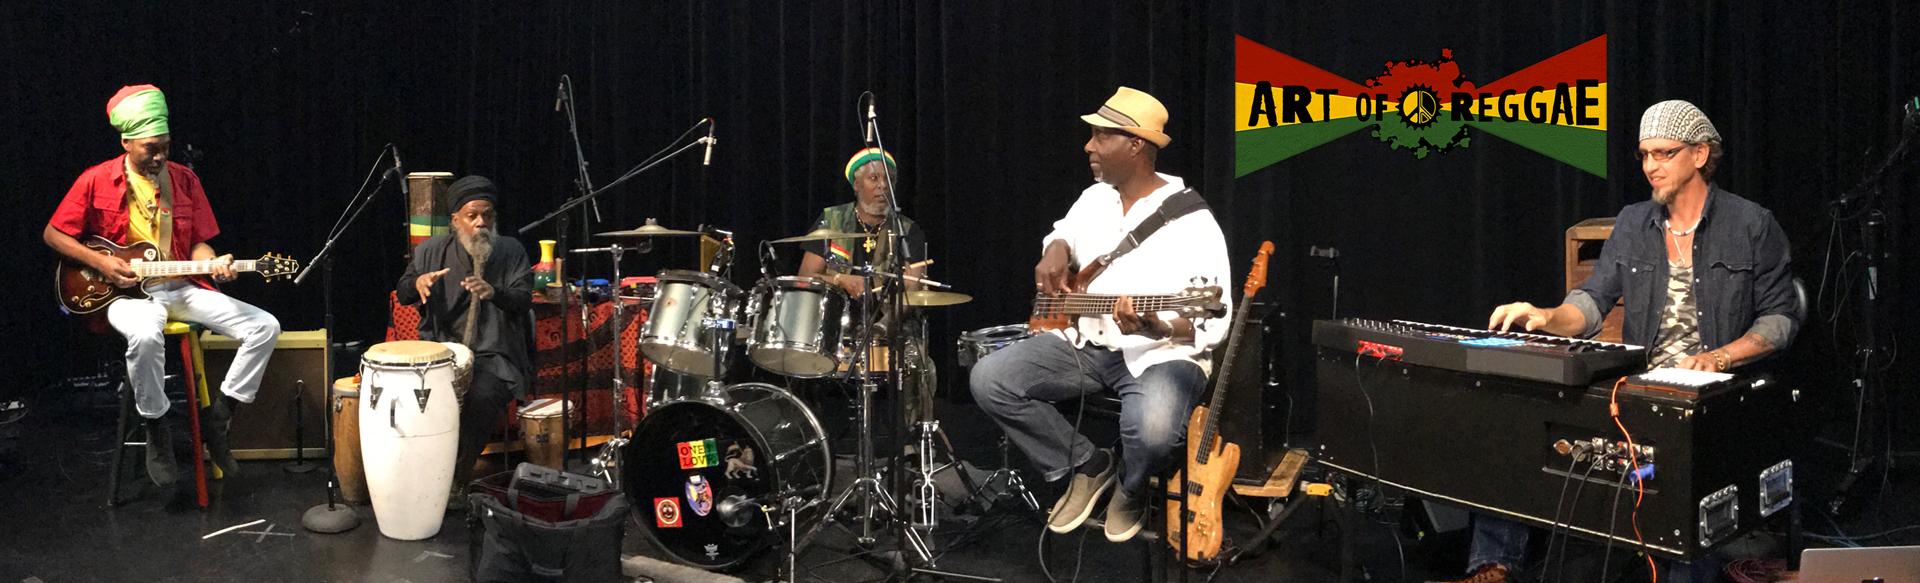 Art of Reggae